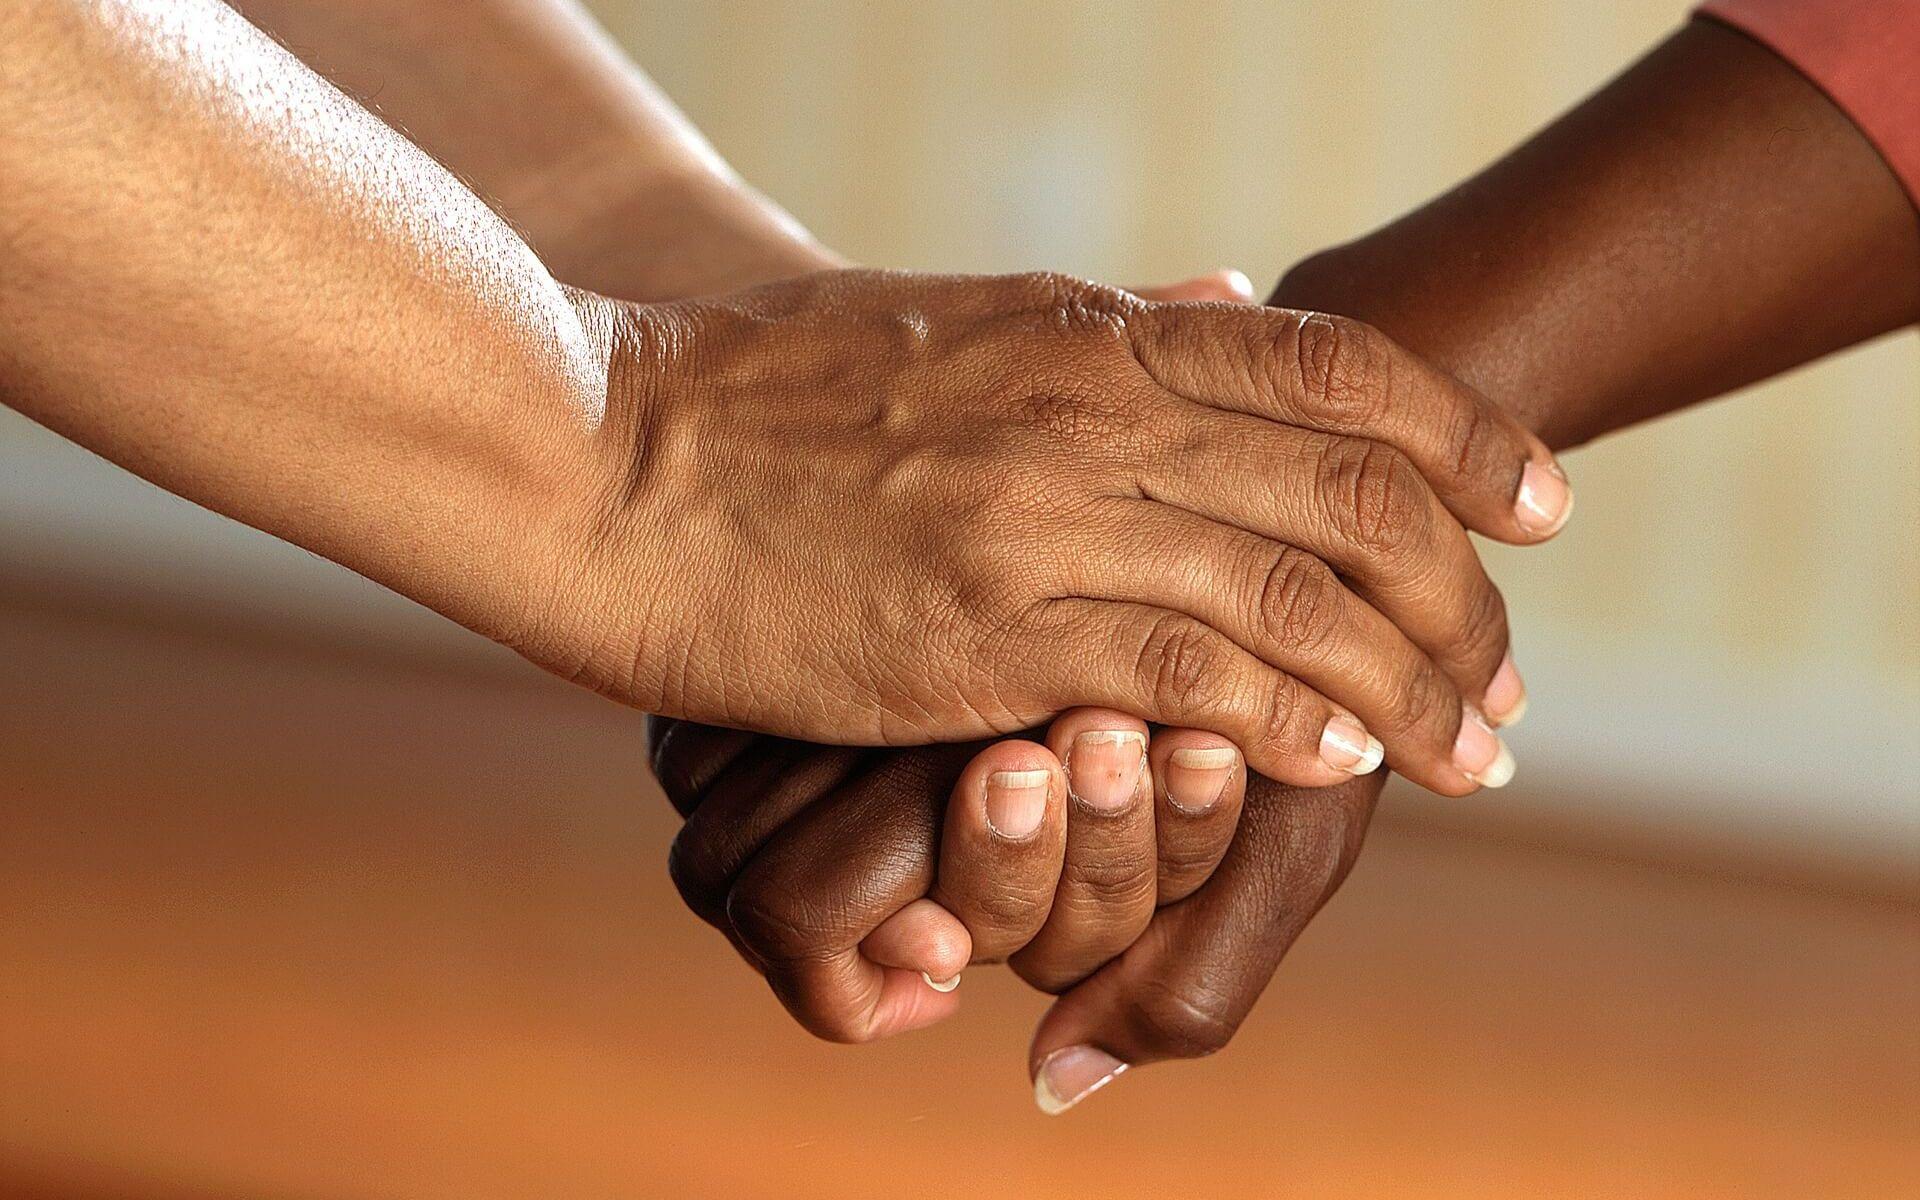 Zwei Menschen reichen sich die Hände.